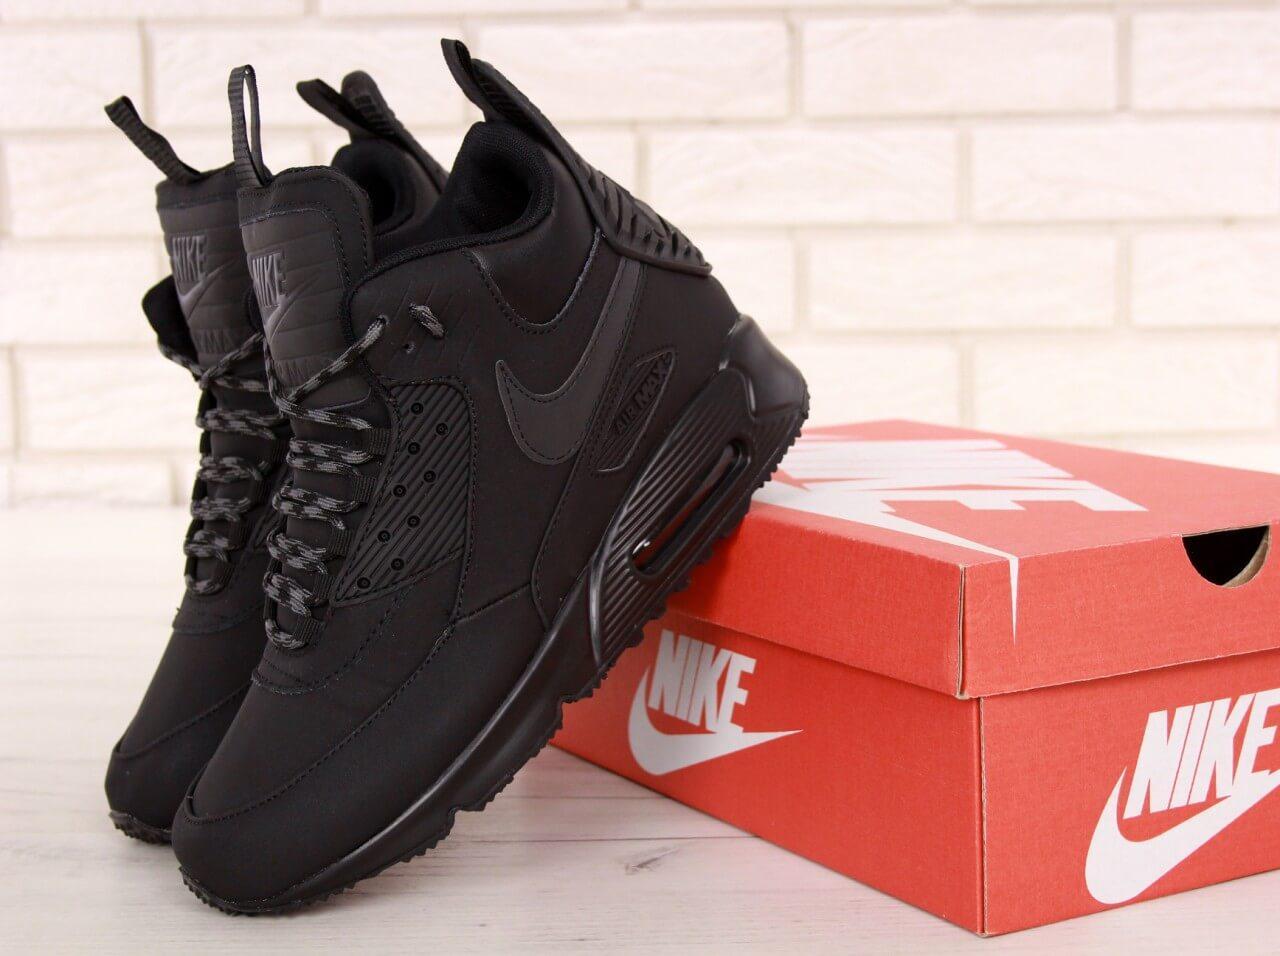 Мужские зимние термо кроссовки Nike Air Max 90 Sneakerboot Winter в черном цвете